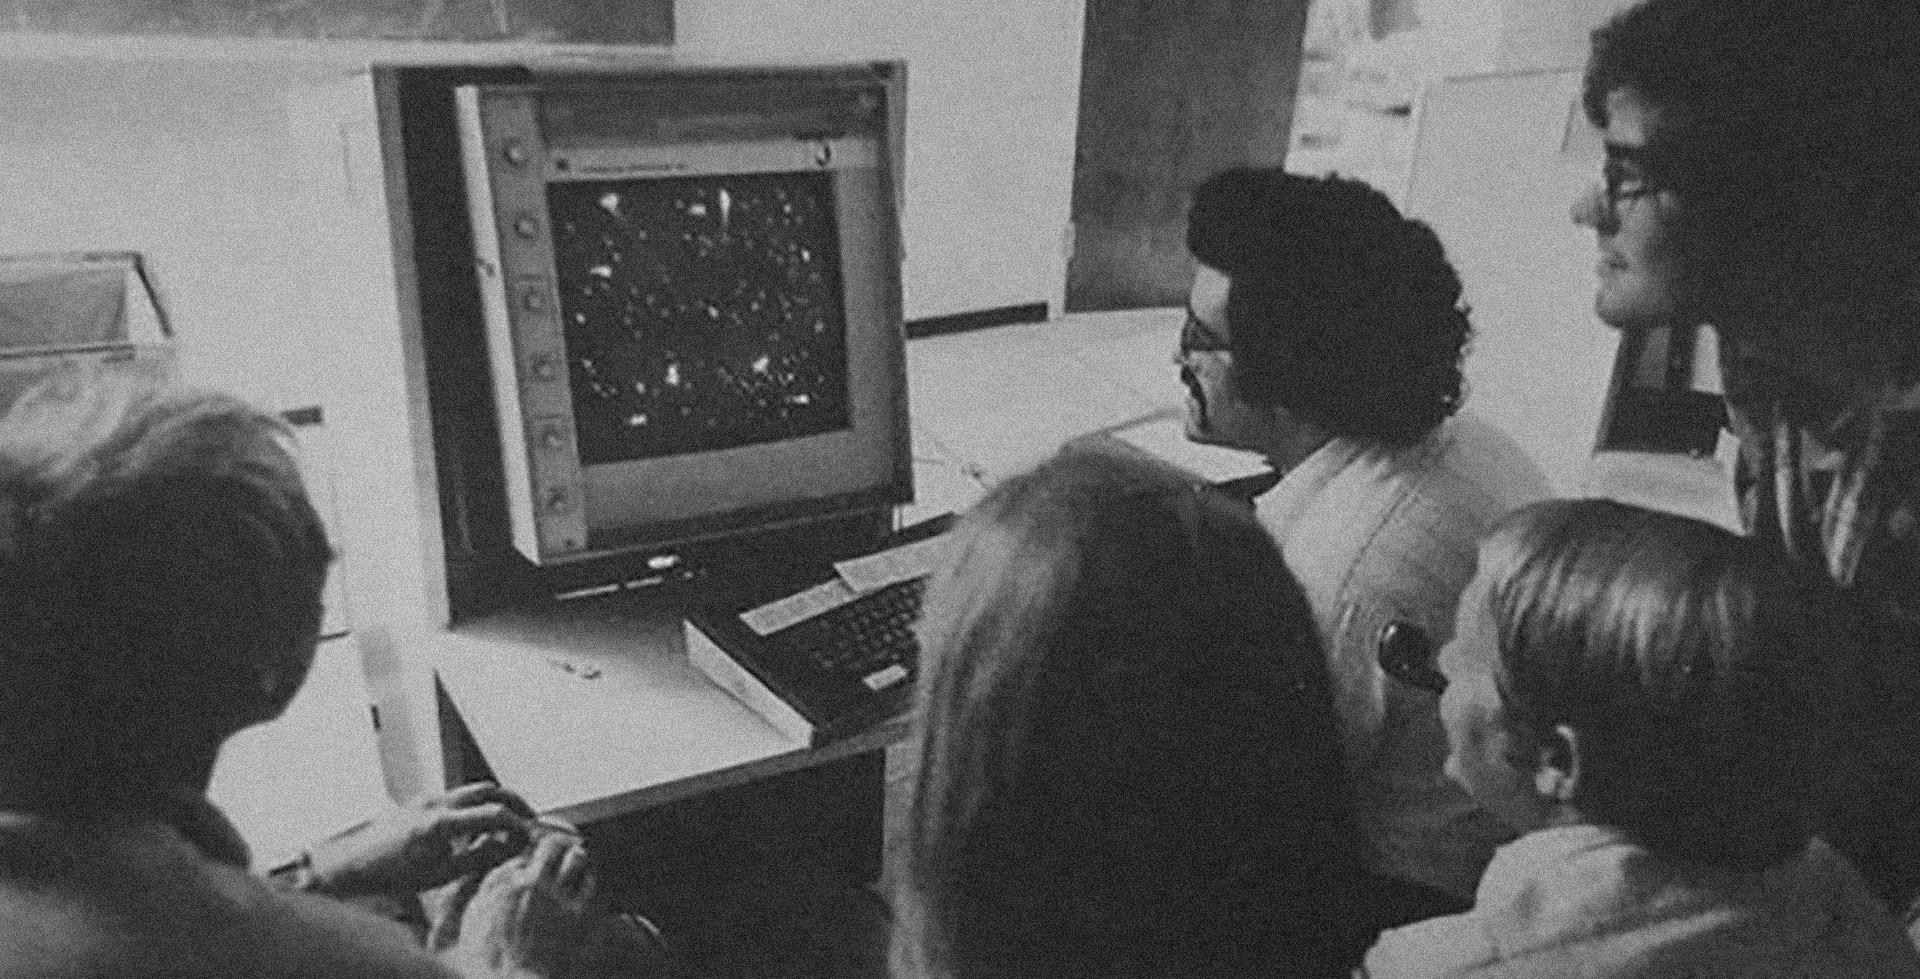 Hoje faz 45 anos do primeiro campeonato de video game!